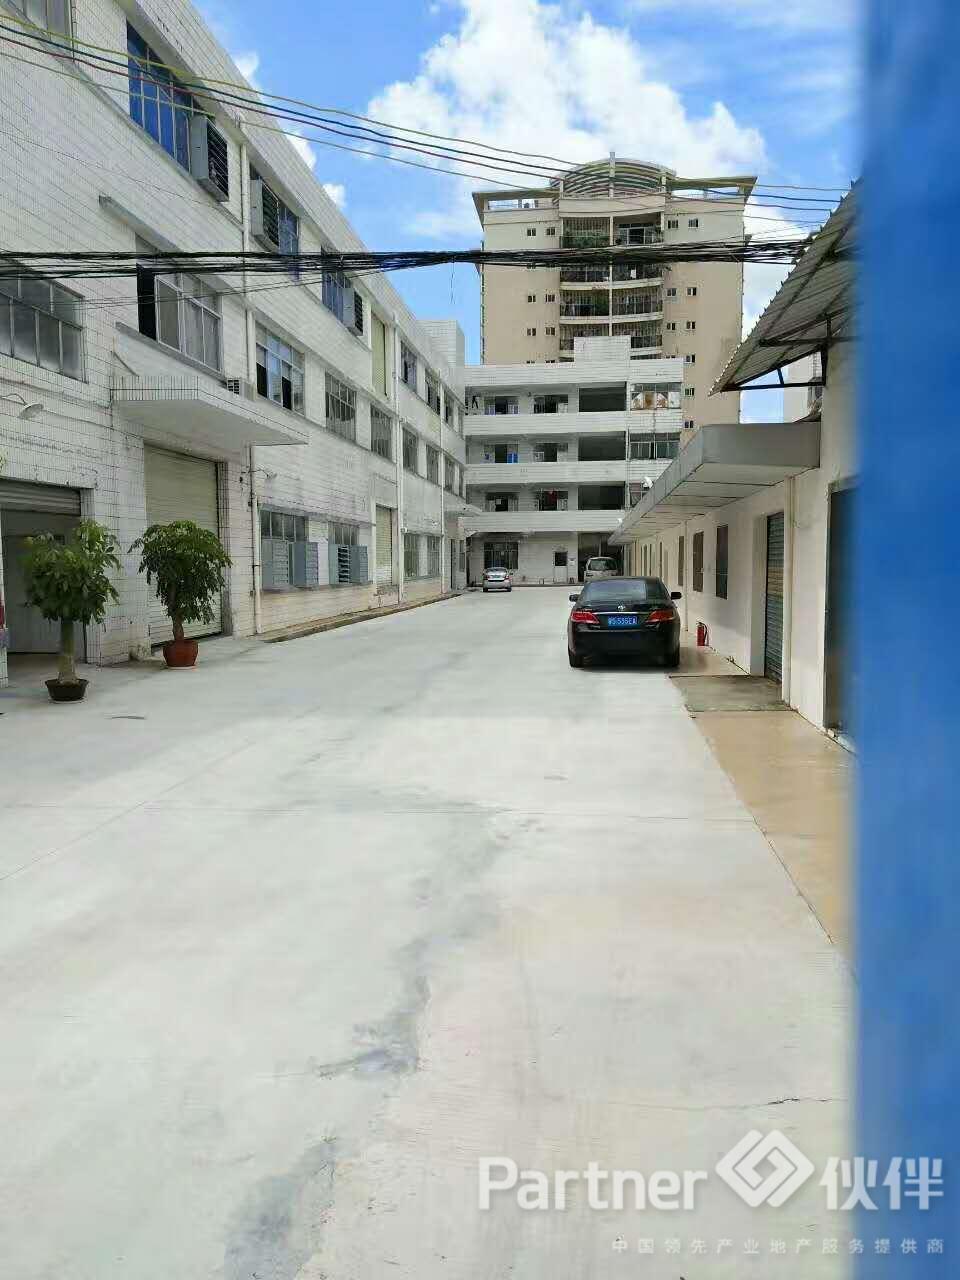 塘厦镇建筑 18155 ㎡ 集体产权厂房出售